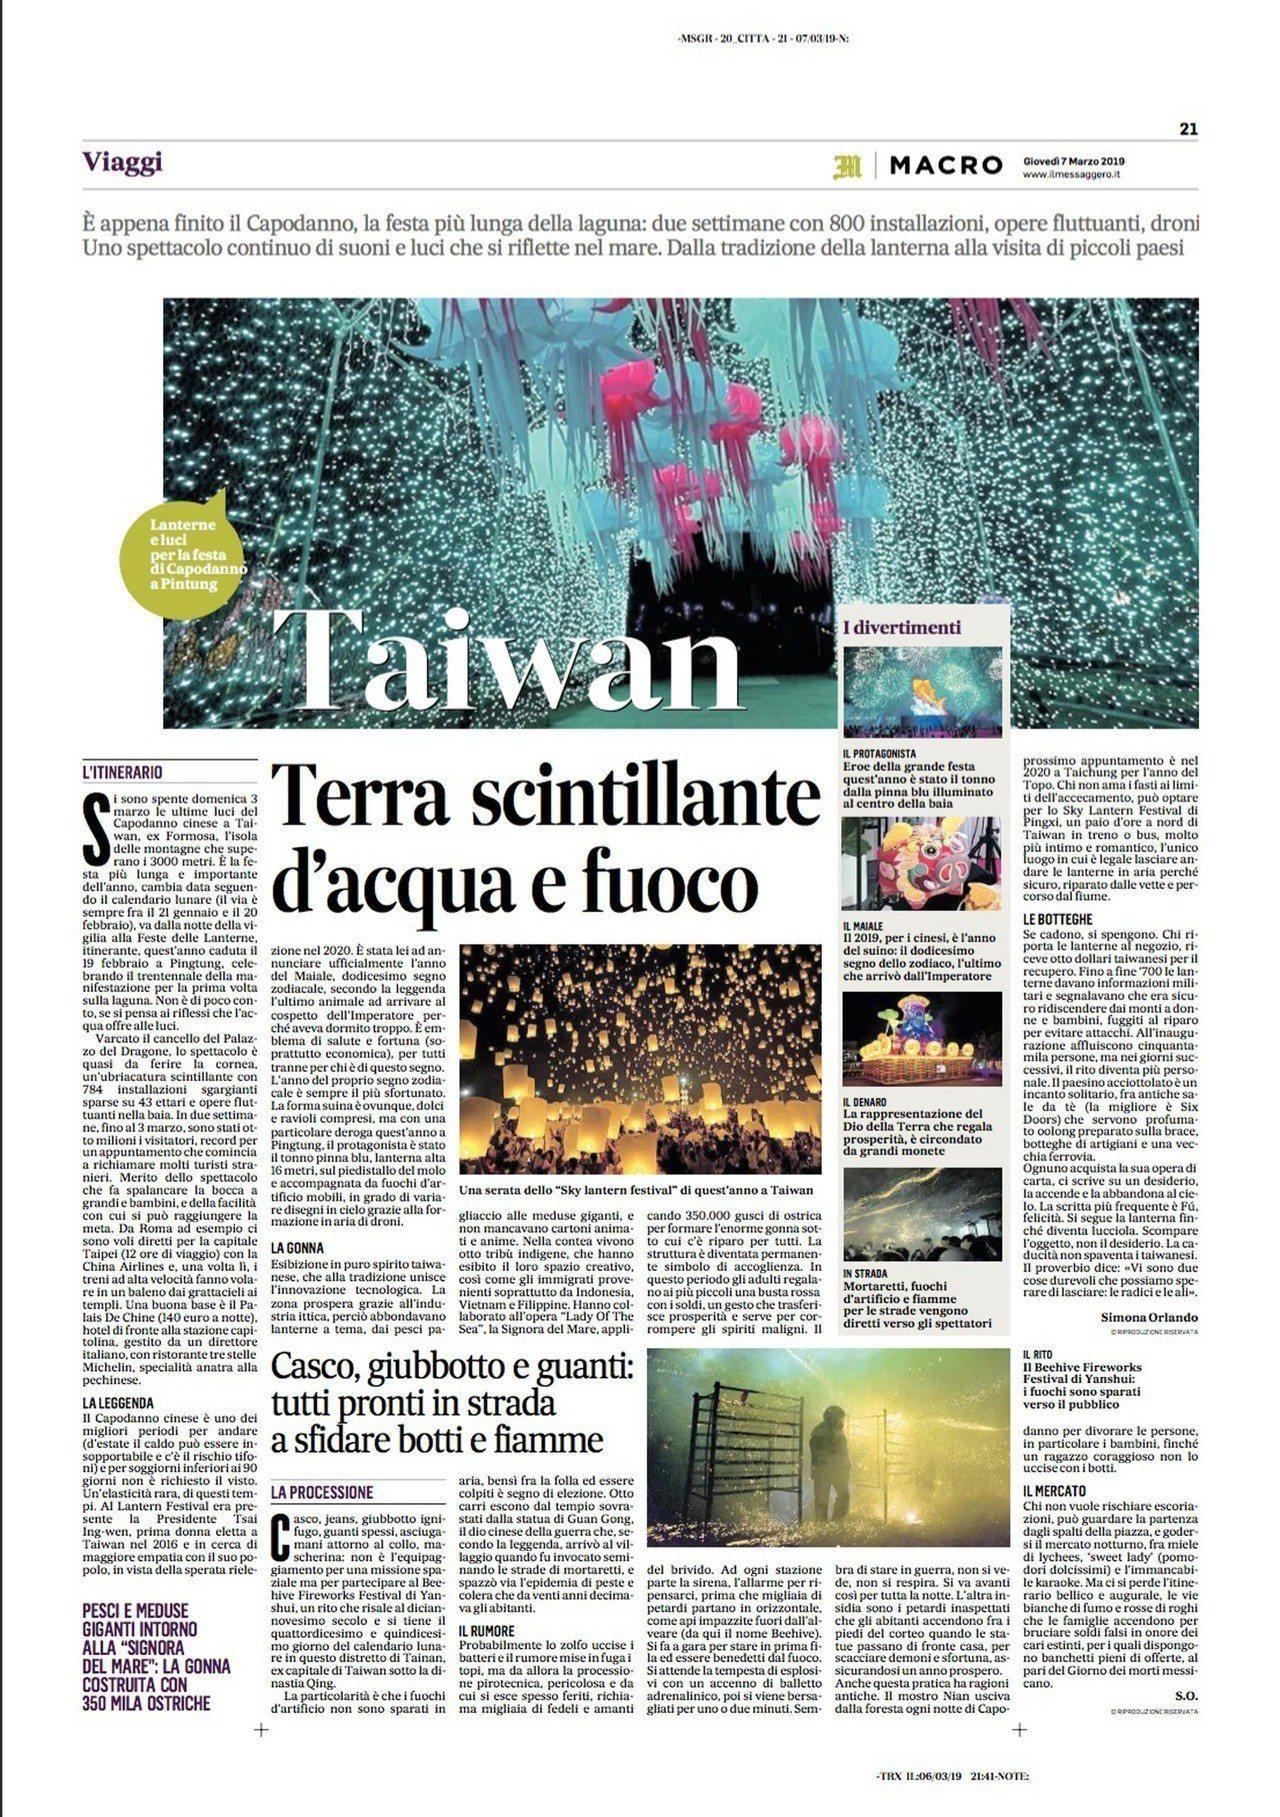 羅馬第一大報「訊使報」7日在旅遊版全版報導台灣,配以多張美照和生動文章,向義國讀...